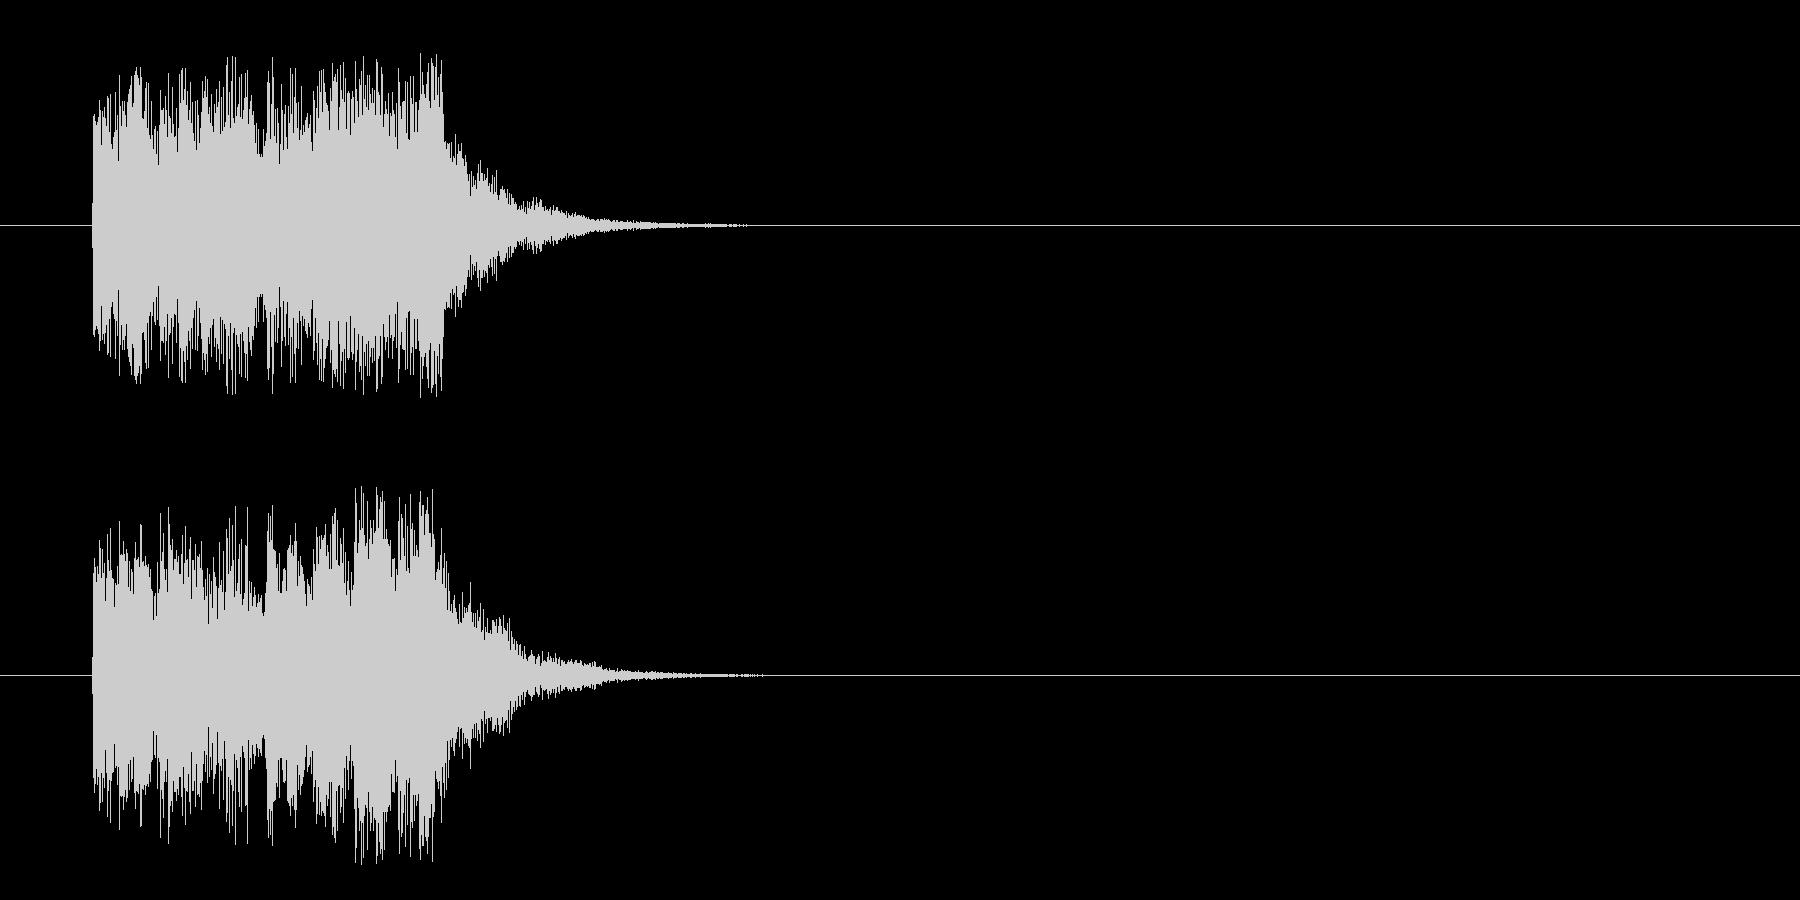 コーナーアタック風フュージョンのジングルの未再生の波形